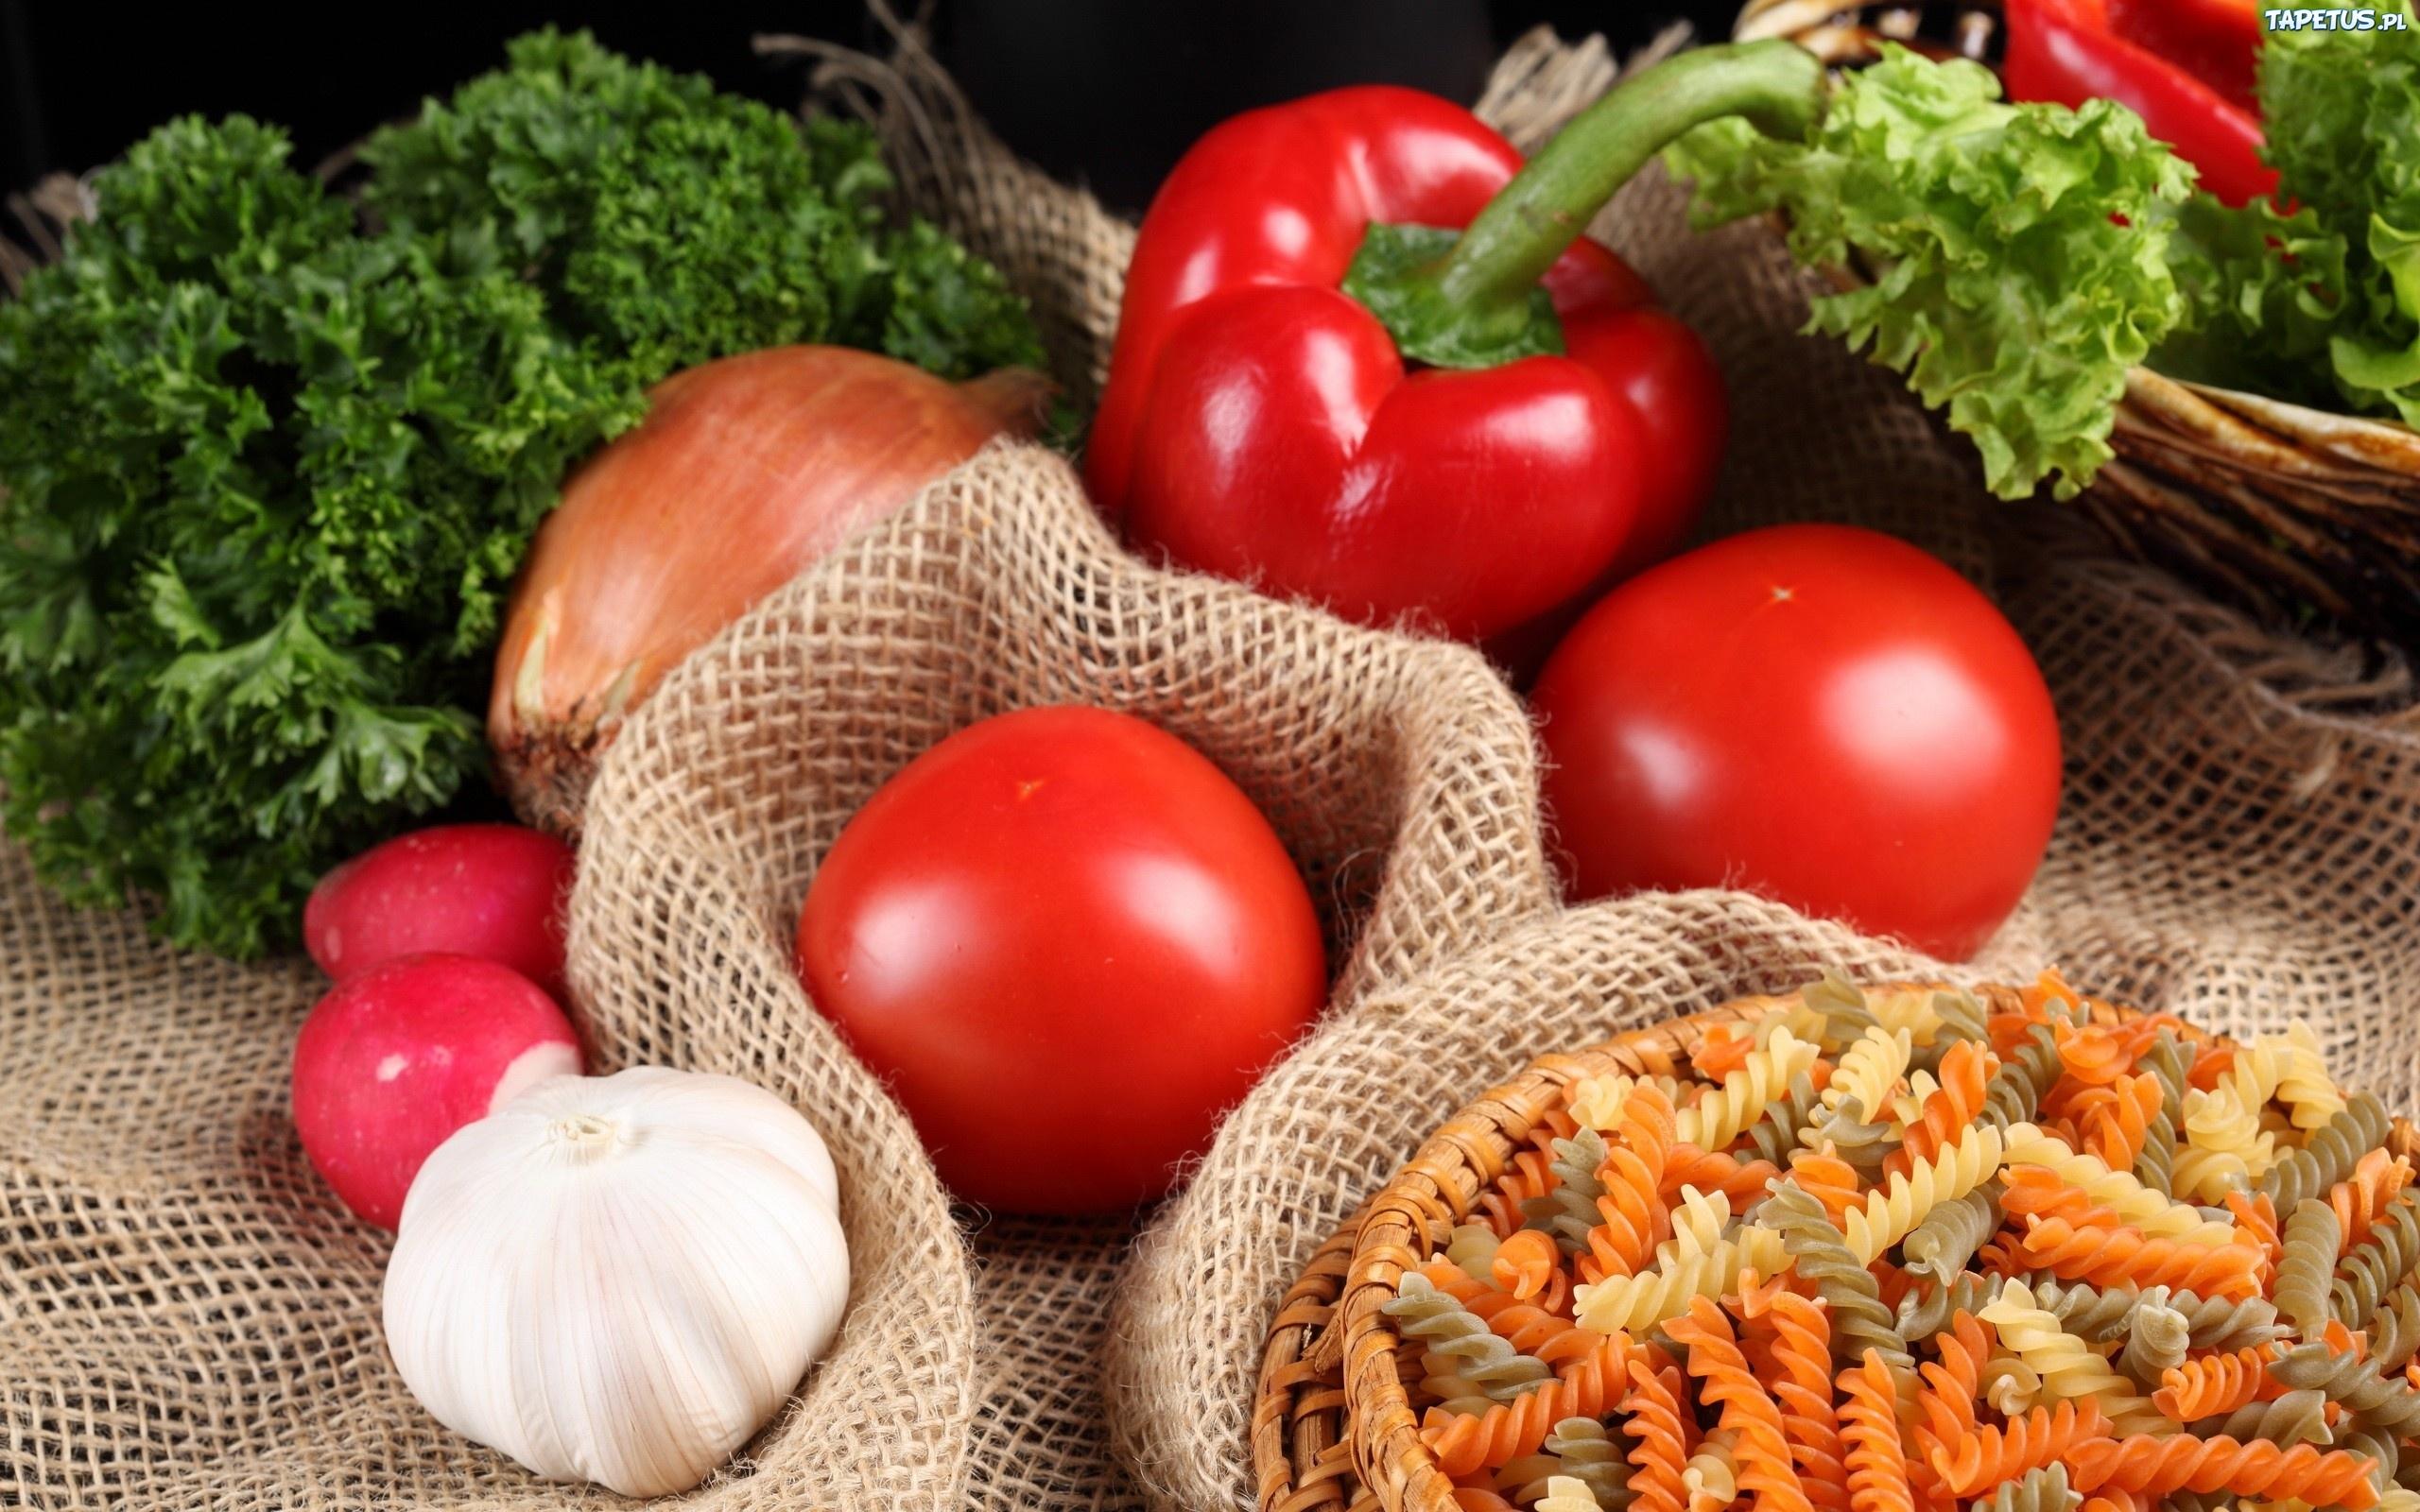 борщ помидоры перец зелень  № 2926406 бесплатно